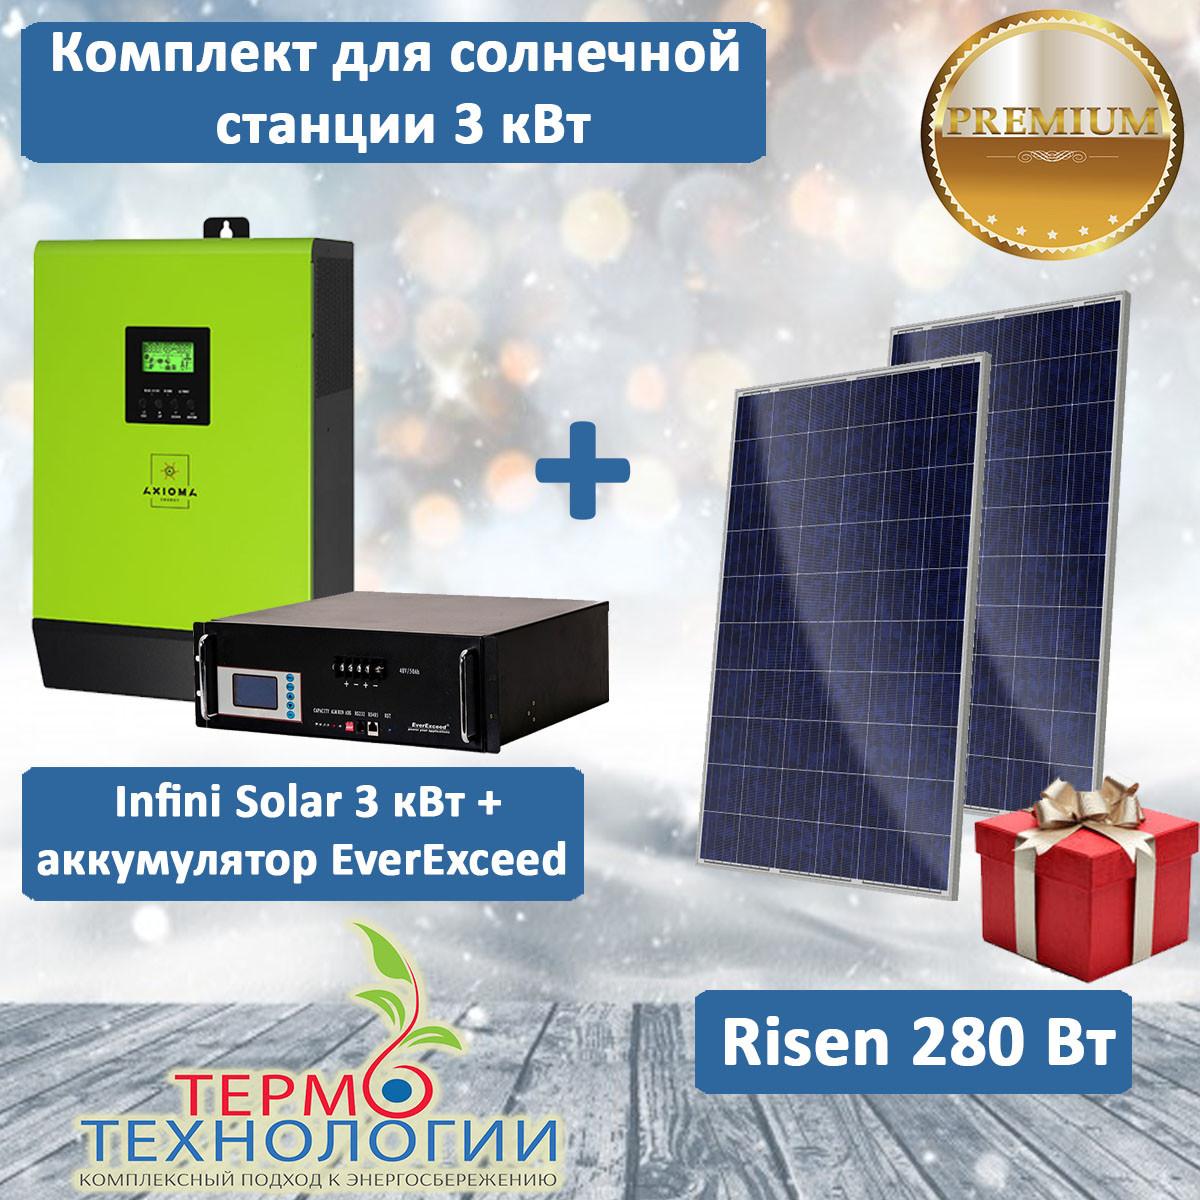 Комплект для гибридной солнечной станции 3 кВт INFINI SOLAR и RISEN 280 ВТ